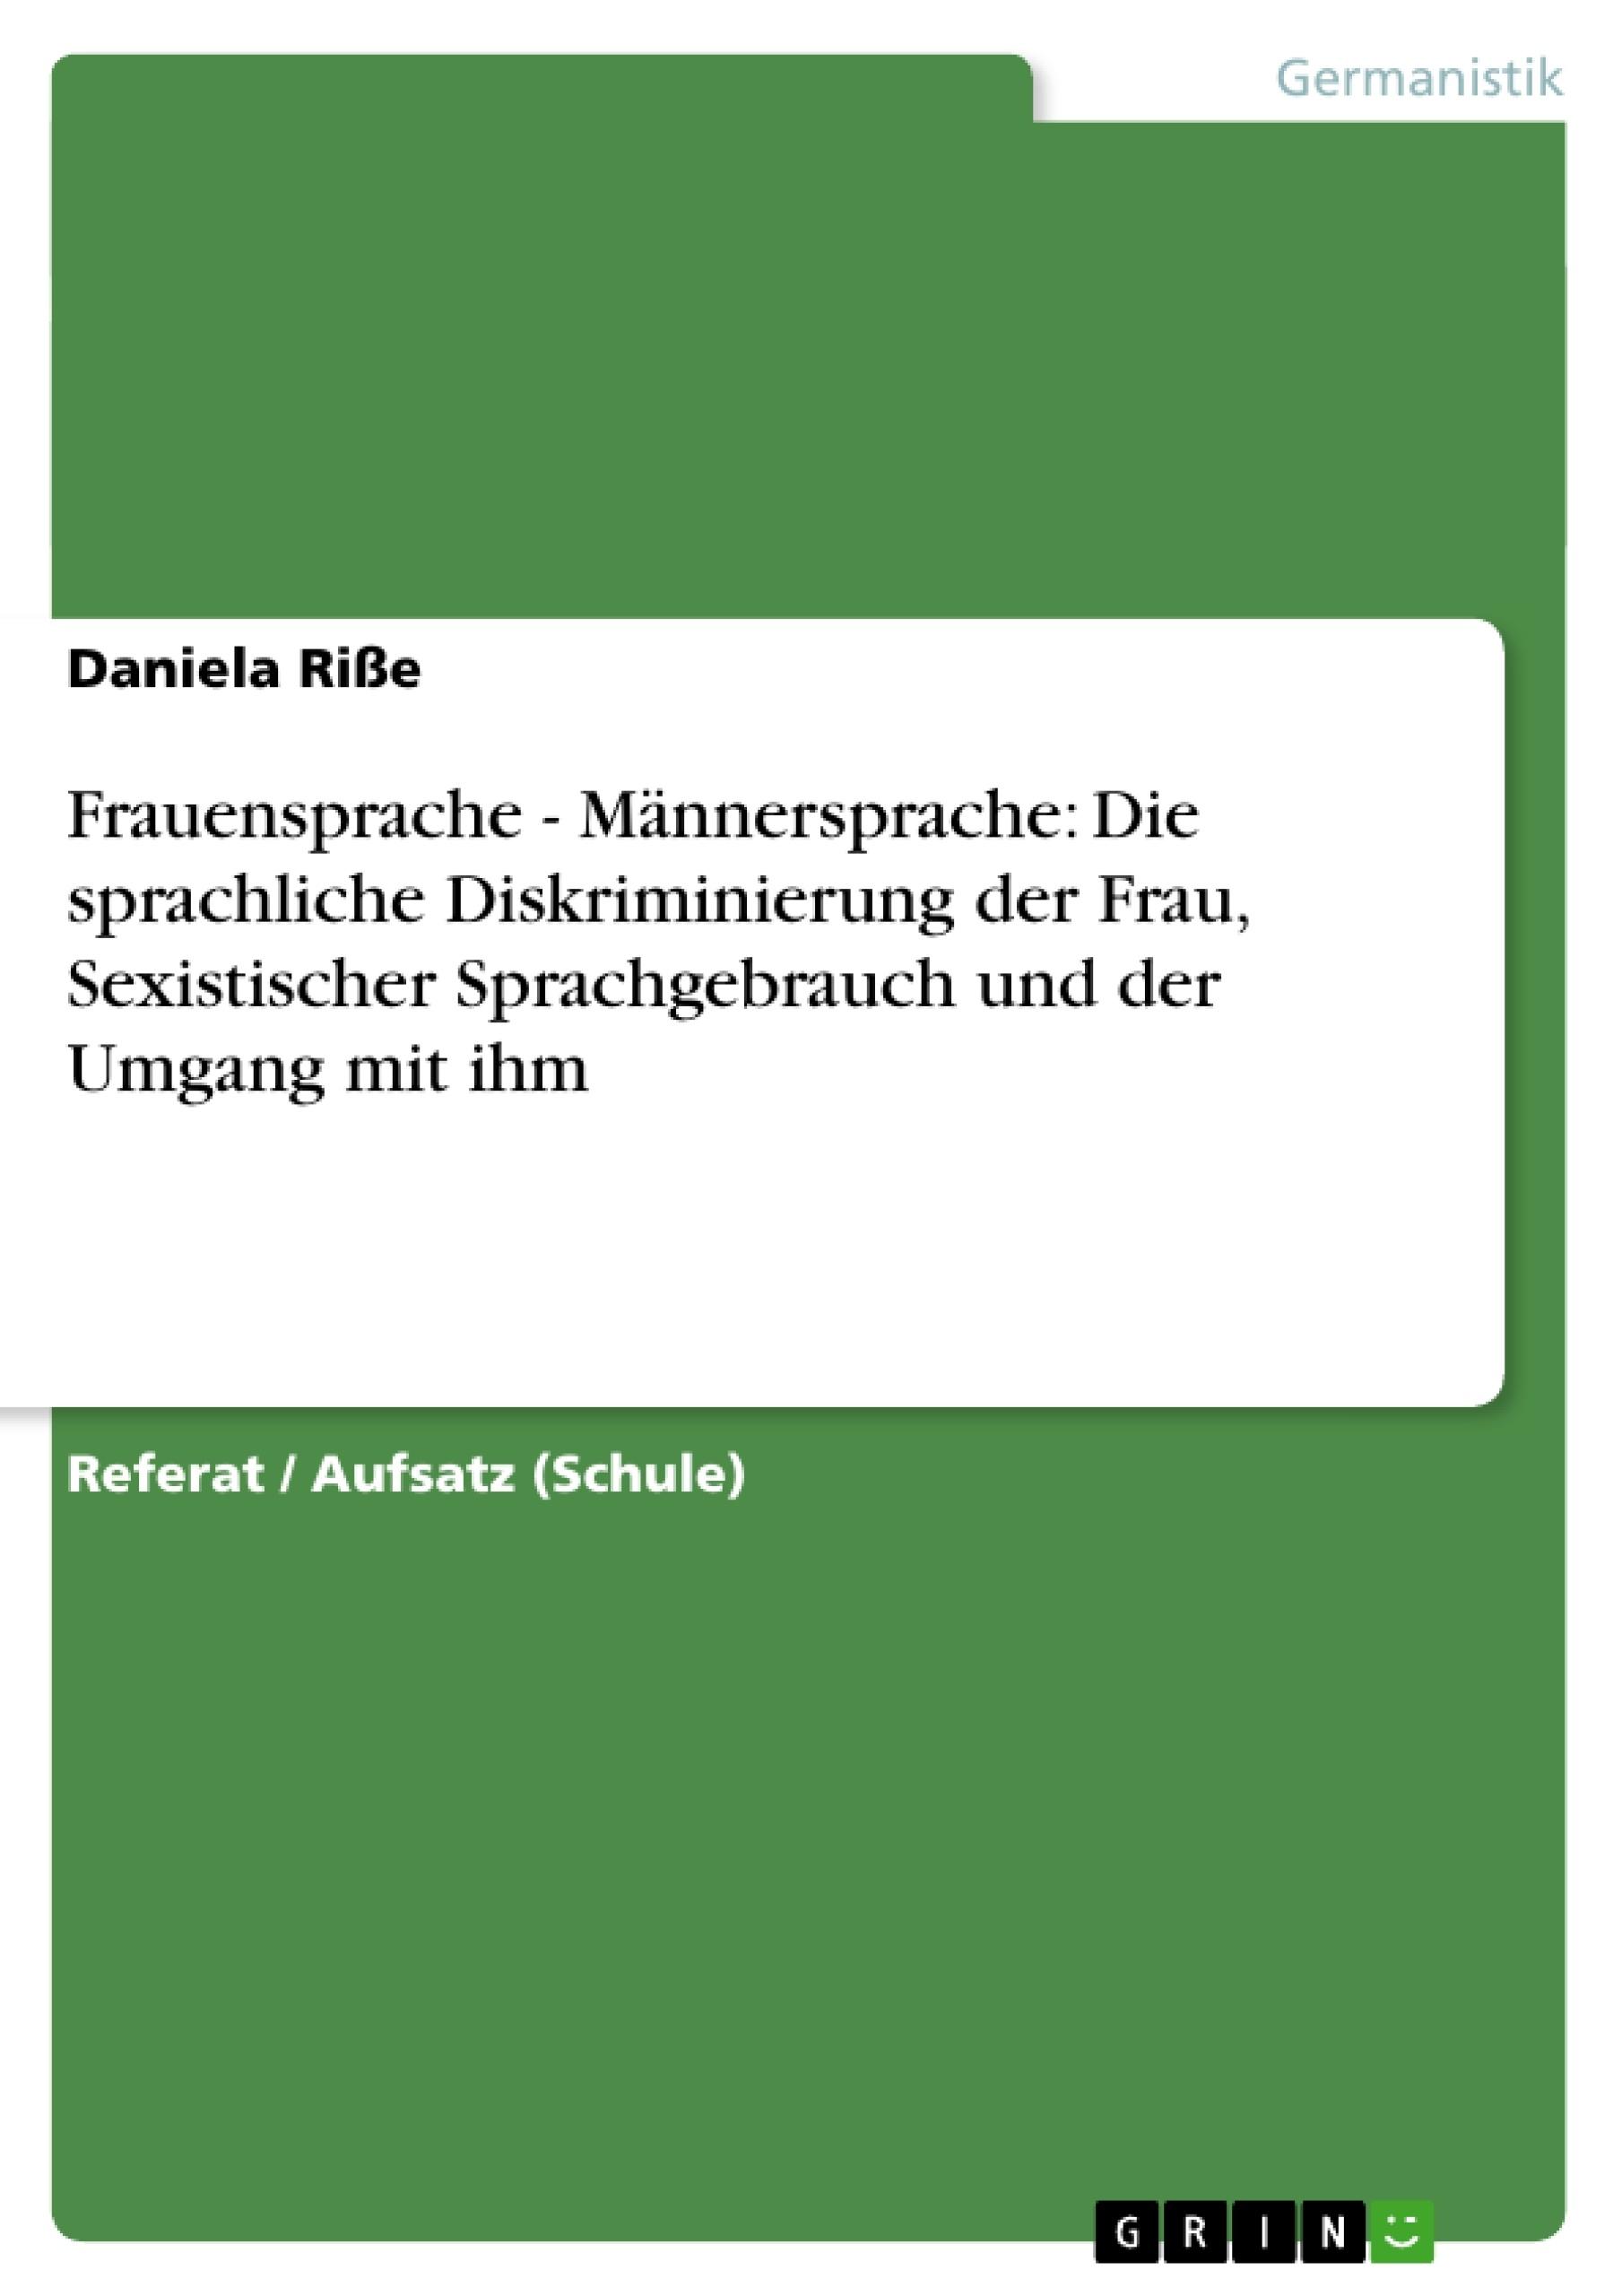 Titel: Frauensprache - Männersprache: Die sprachliche Diskriminierung der Frau, Sexistischer Sprachgebrauch und der Umgang mit ihm